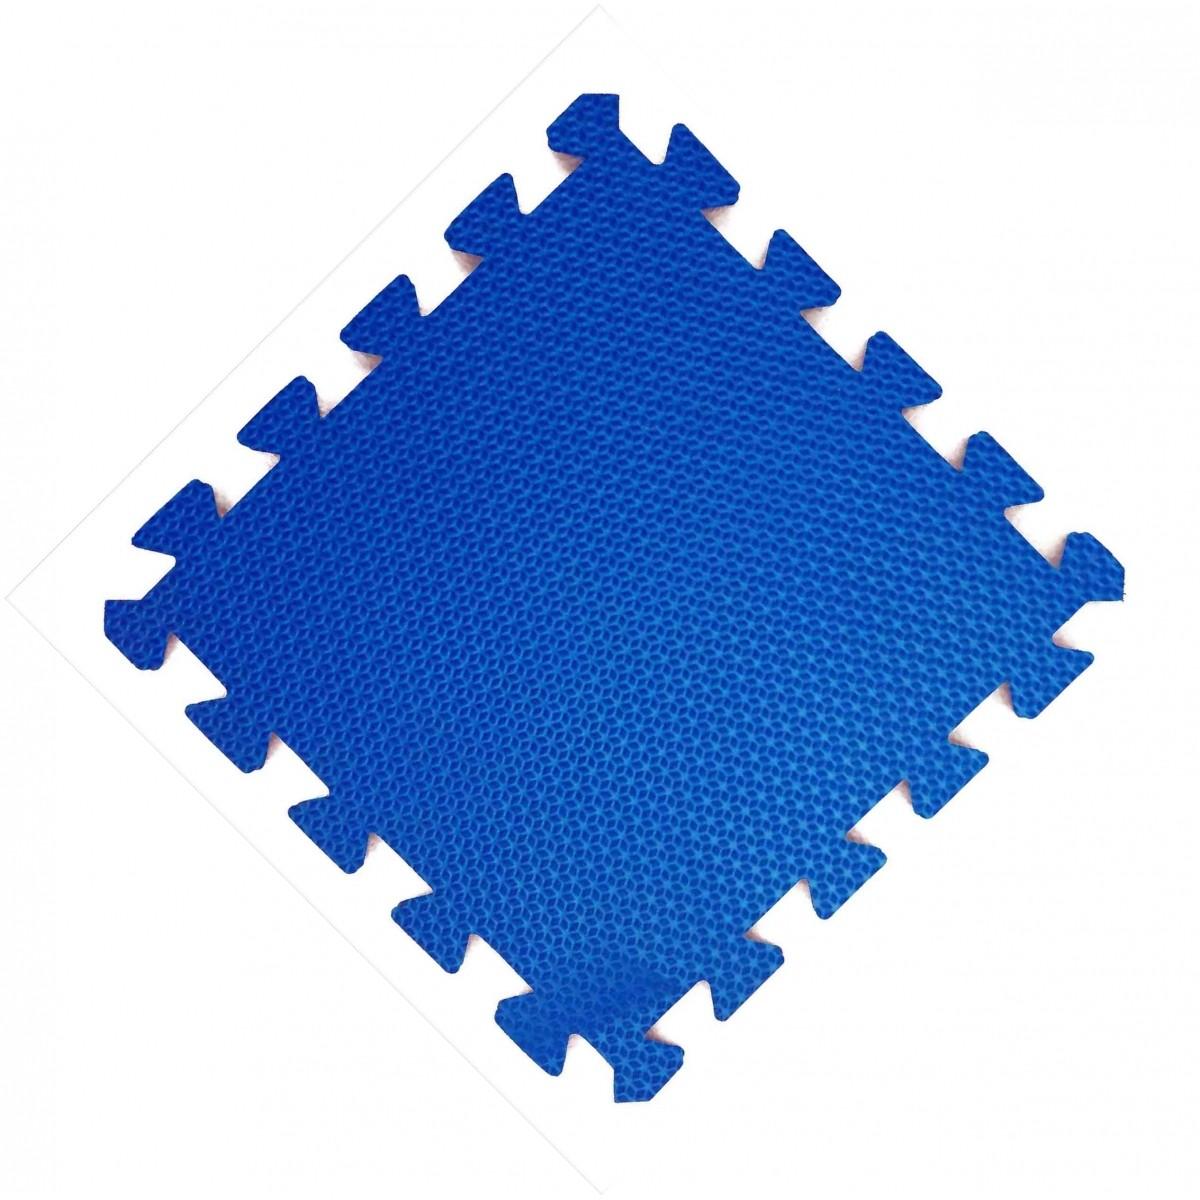 Tatame 30x30cm Com 10mm de Espessura   Azul Royal  -